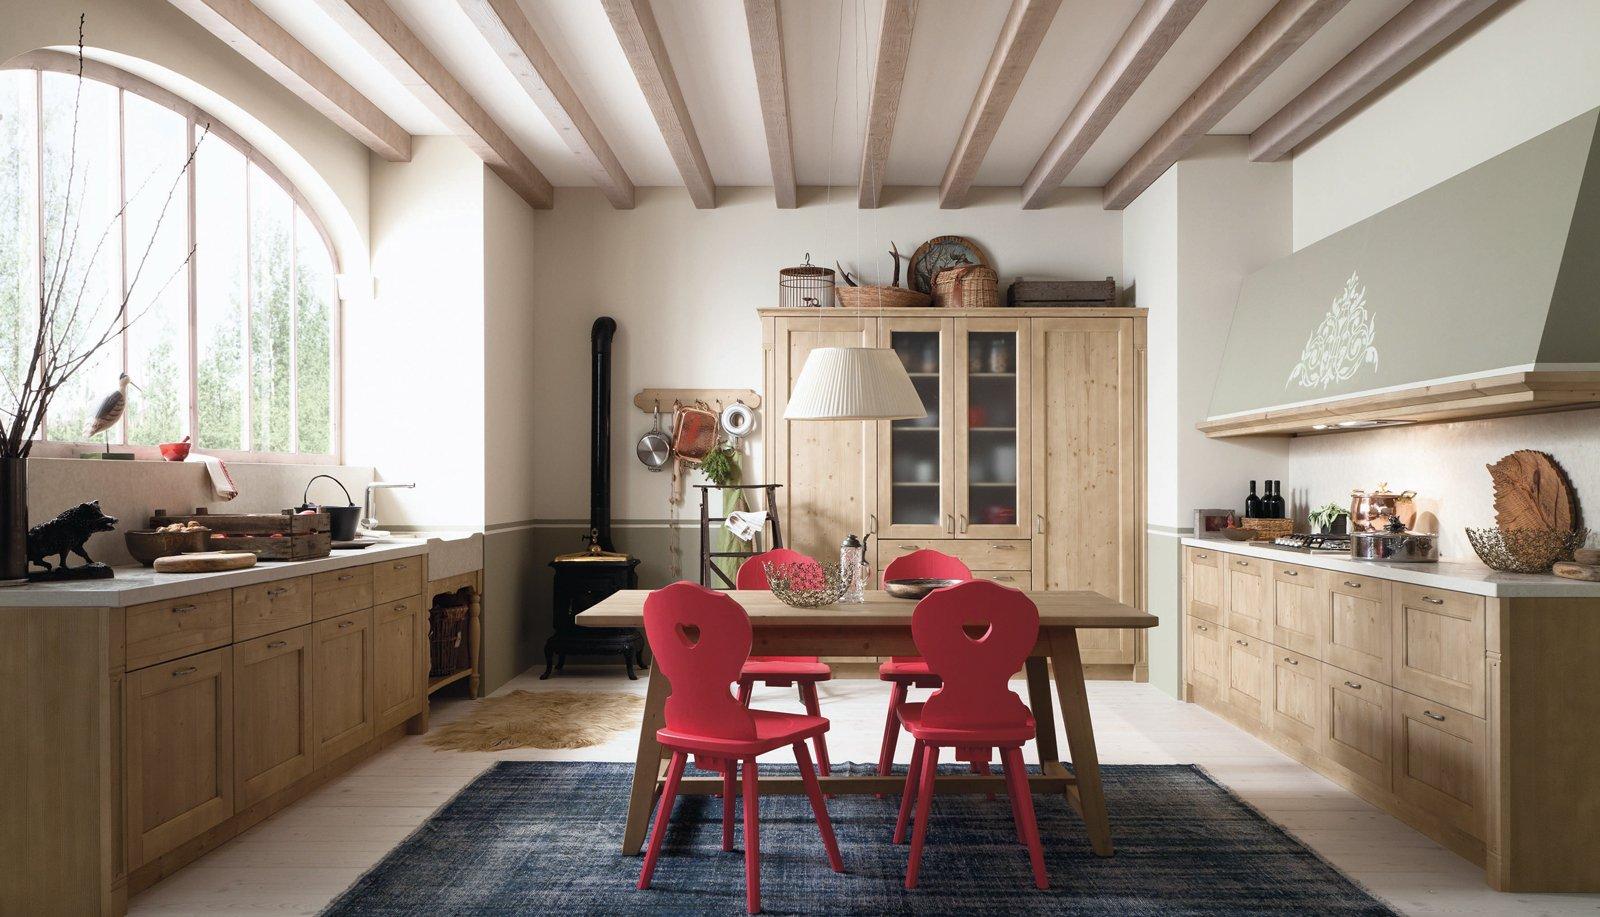 Cucine country chic soprattutto bianche o tinta legno - Immagini di casa ...